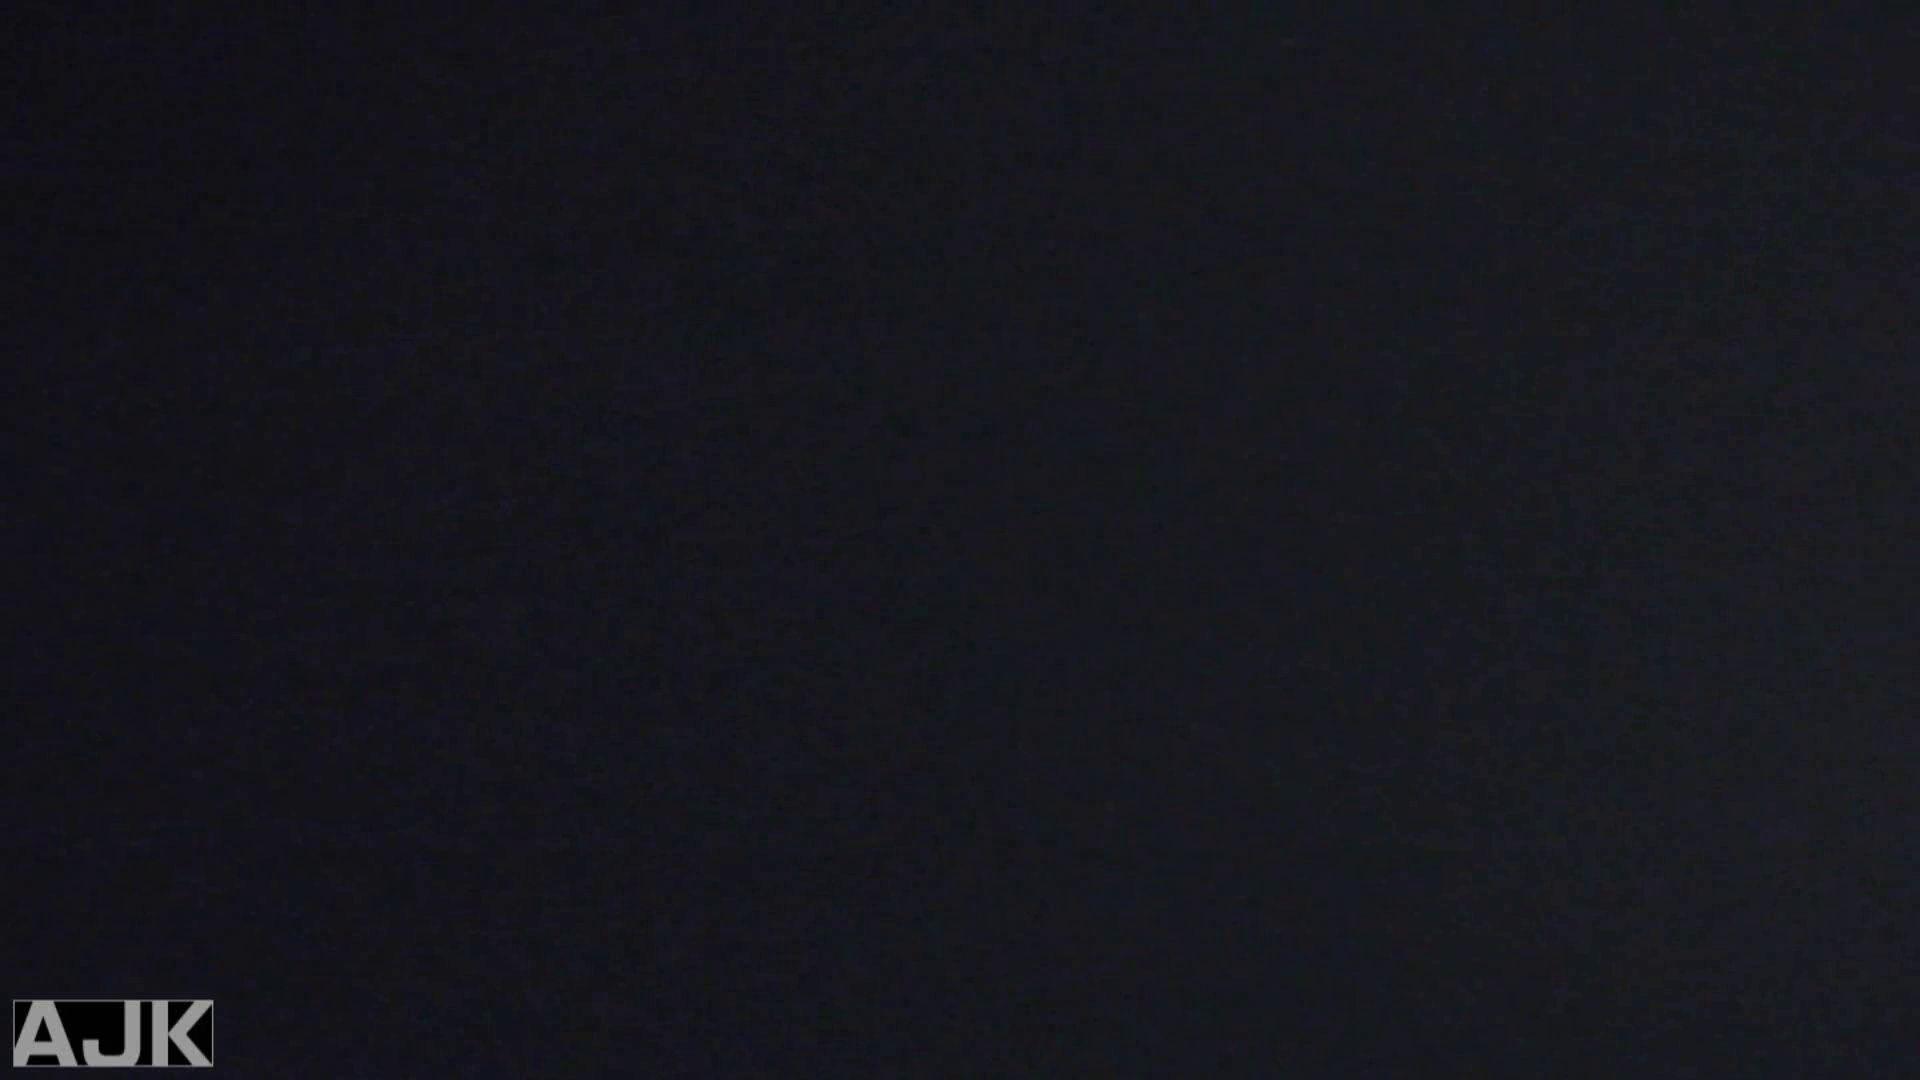 神降臨!史上最強の潜入かわや! vol.22 美女まとめ セックス無修正動画無料 112PIX 34